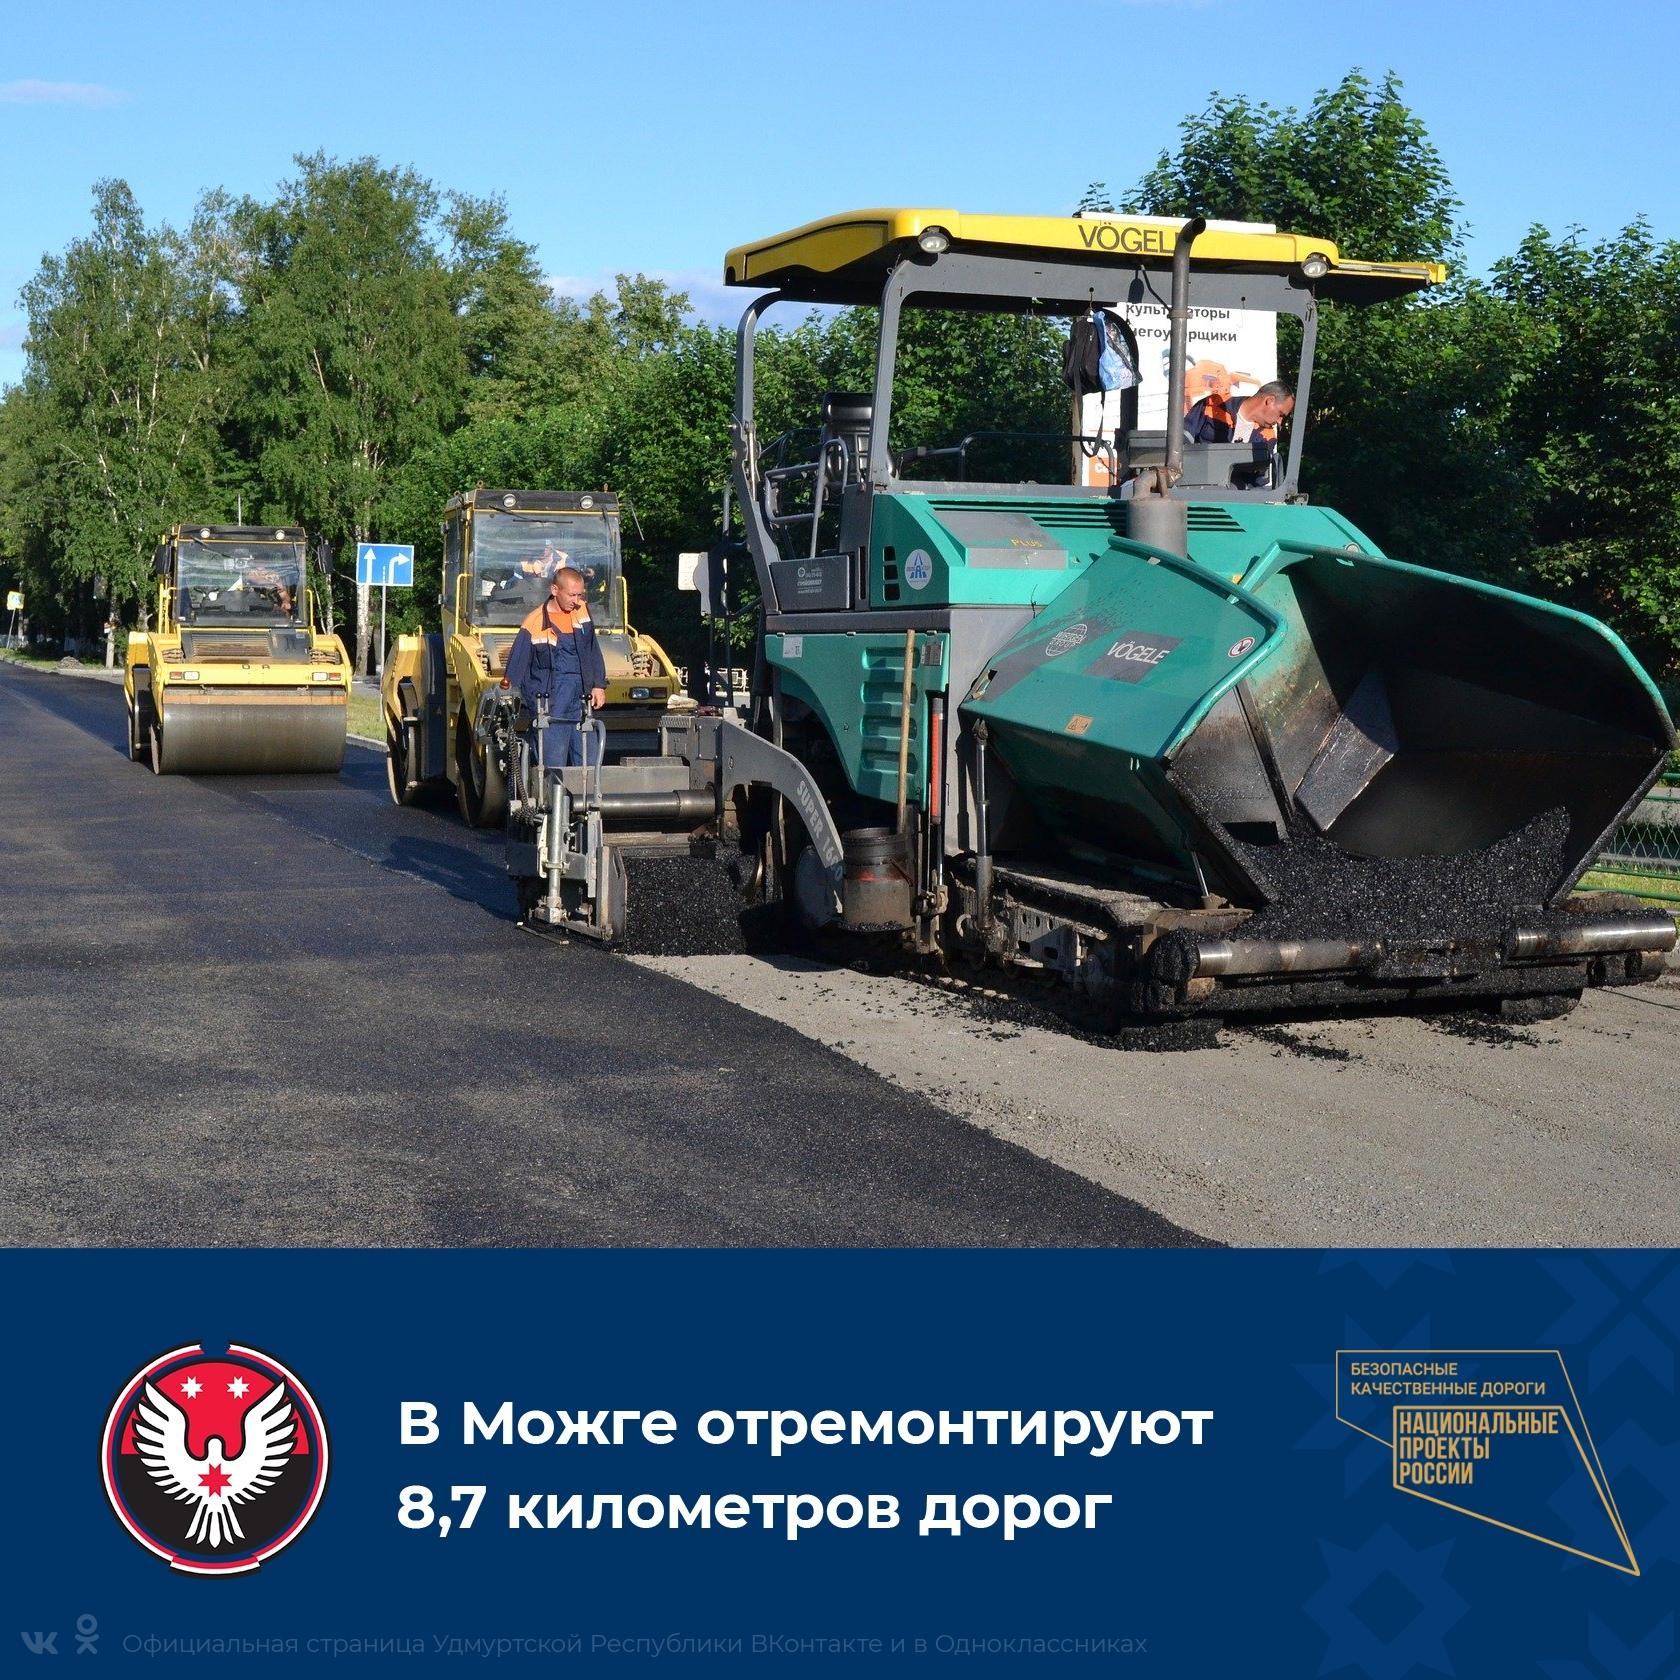 В Можге отремонтируют 8,7 км дорог.